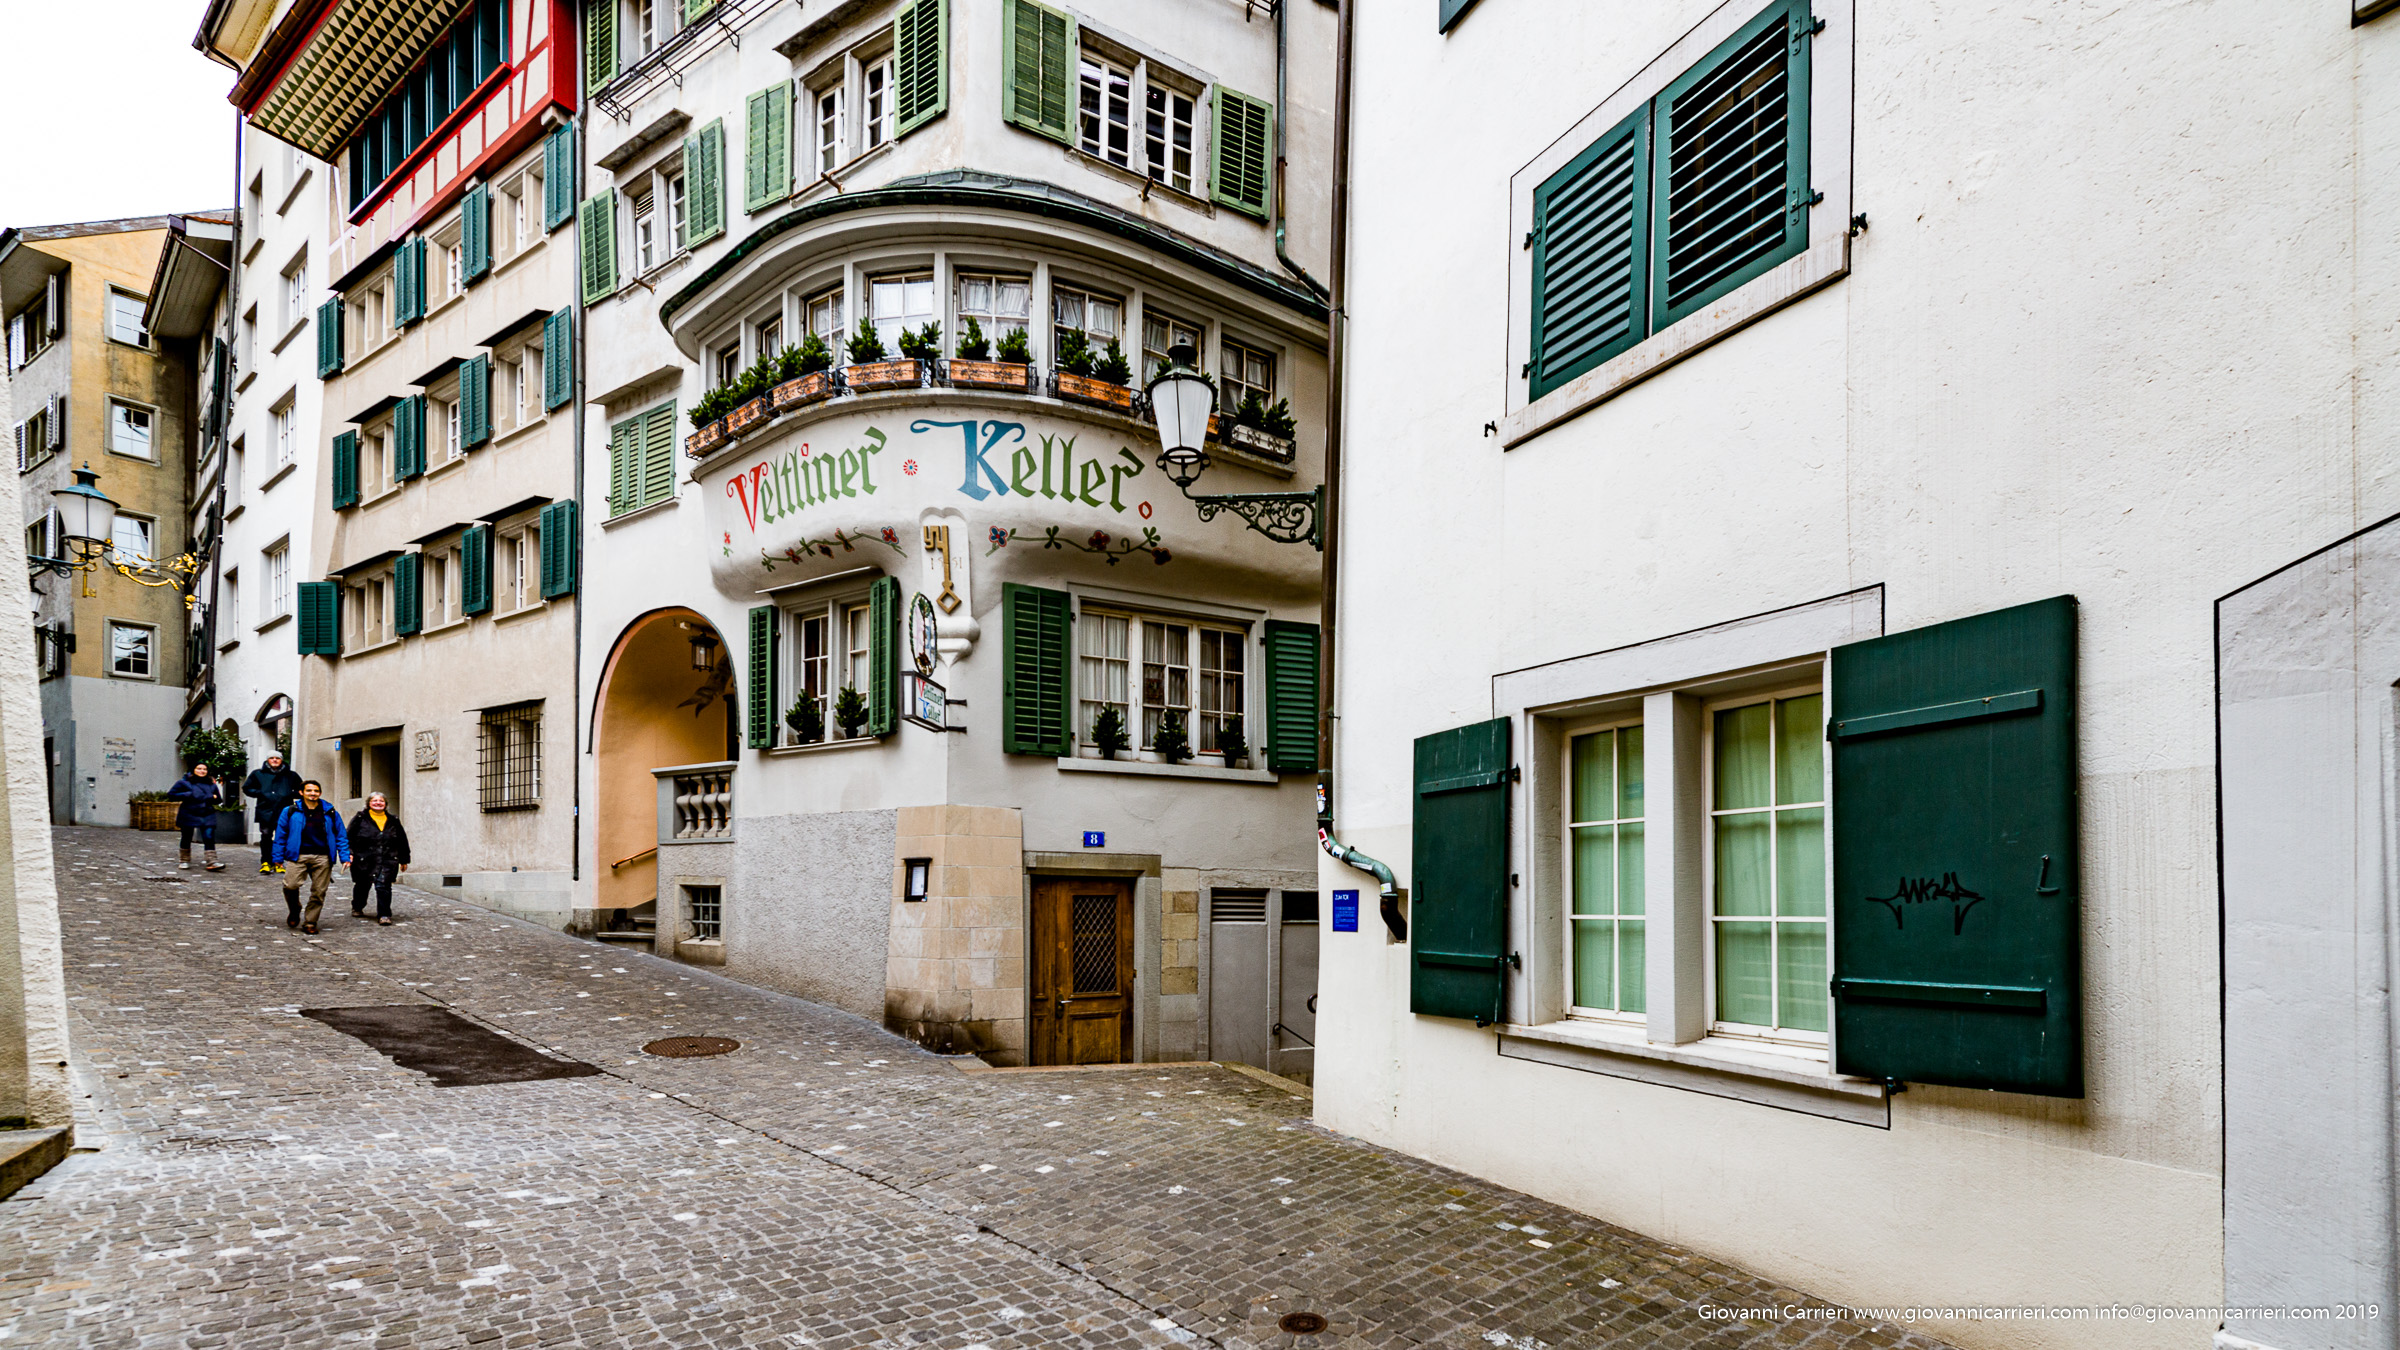 Centro città strade tipiche - Zurigo